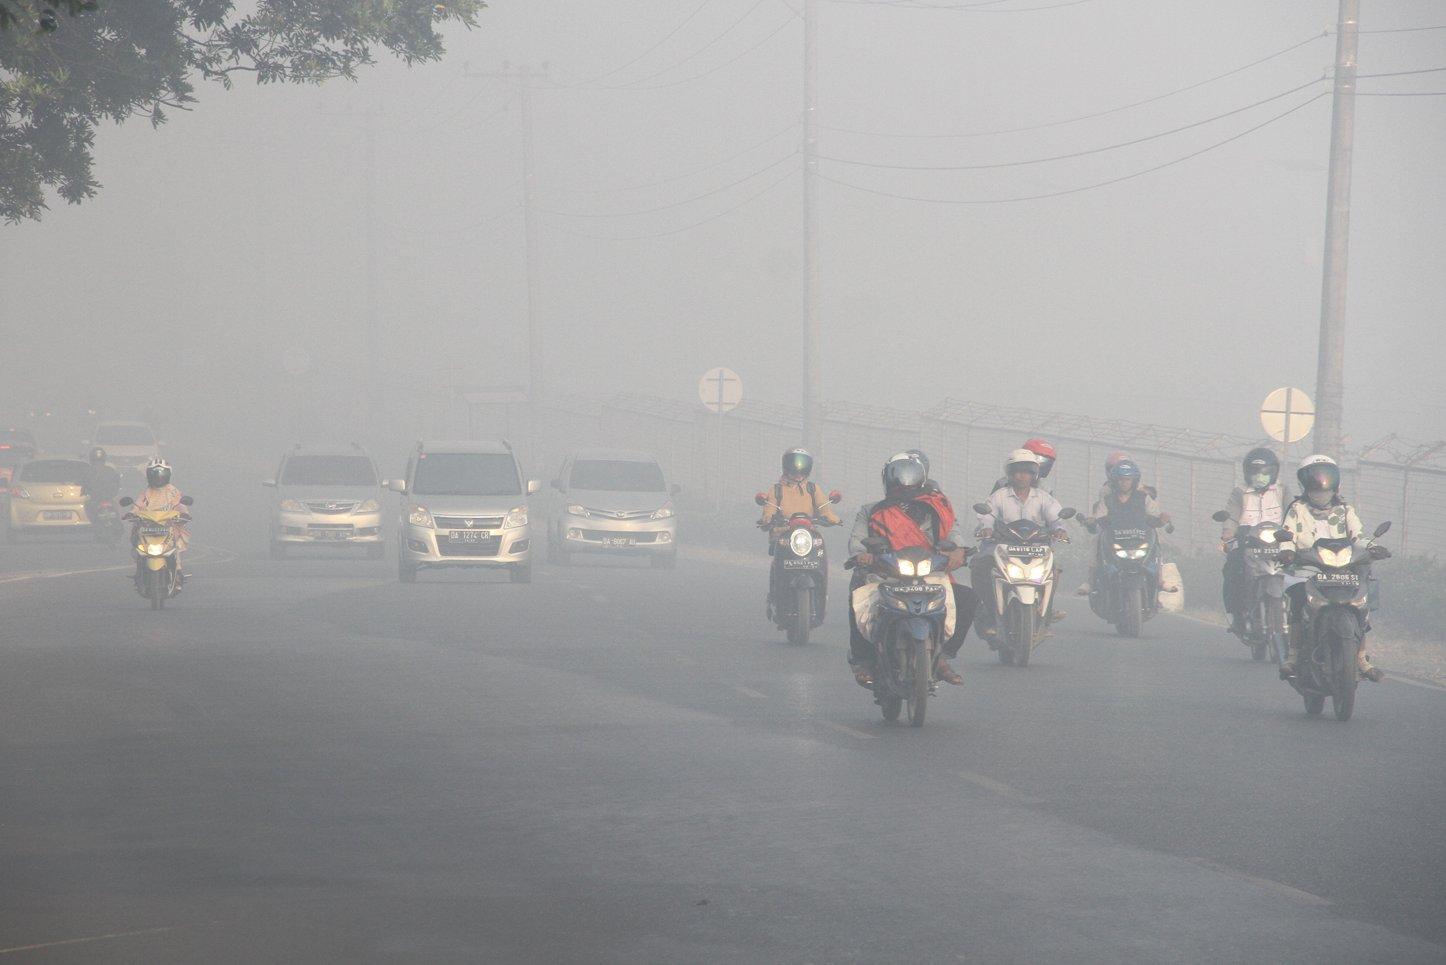 Sejumlah kendaraan bermotor melintas di jalan Ahmad Yani yang di selimuti kabut asap pekat di Landasan Ulin, Banjarbaru, Kalimantan Selatan, Rabu (11/9/2019). Kebakaran hutan dan lahan di sejumlah daerah Kalsel menimbulkan kabut asap yang menggangu aktivitas warga.